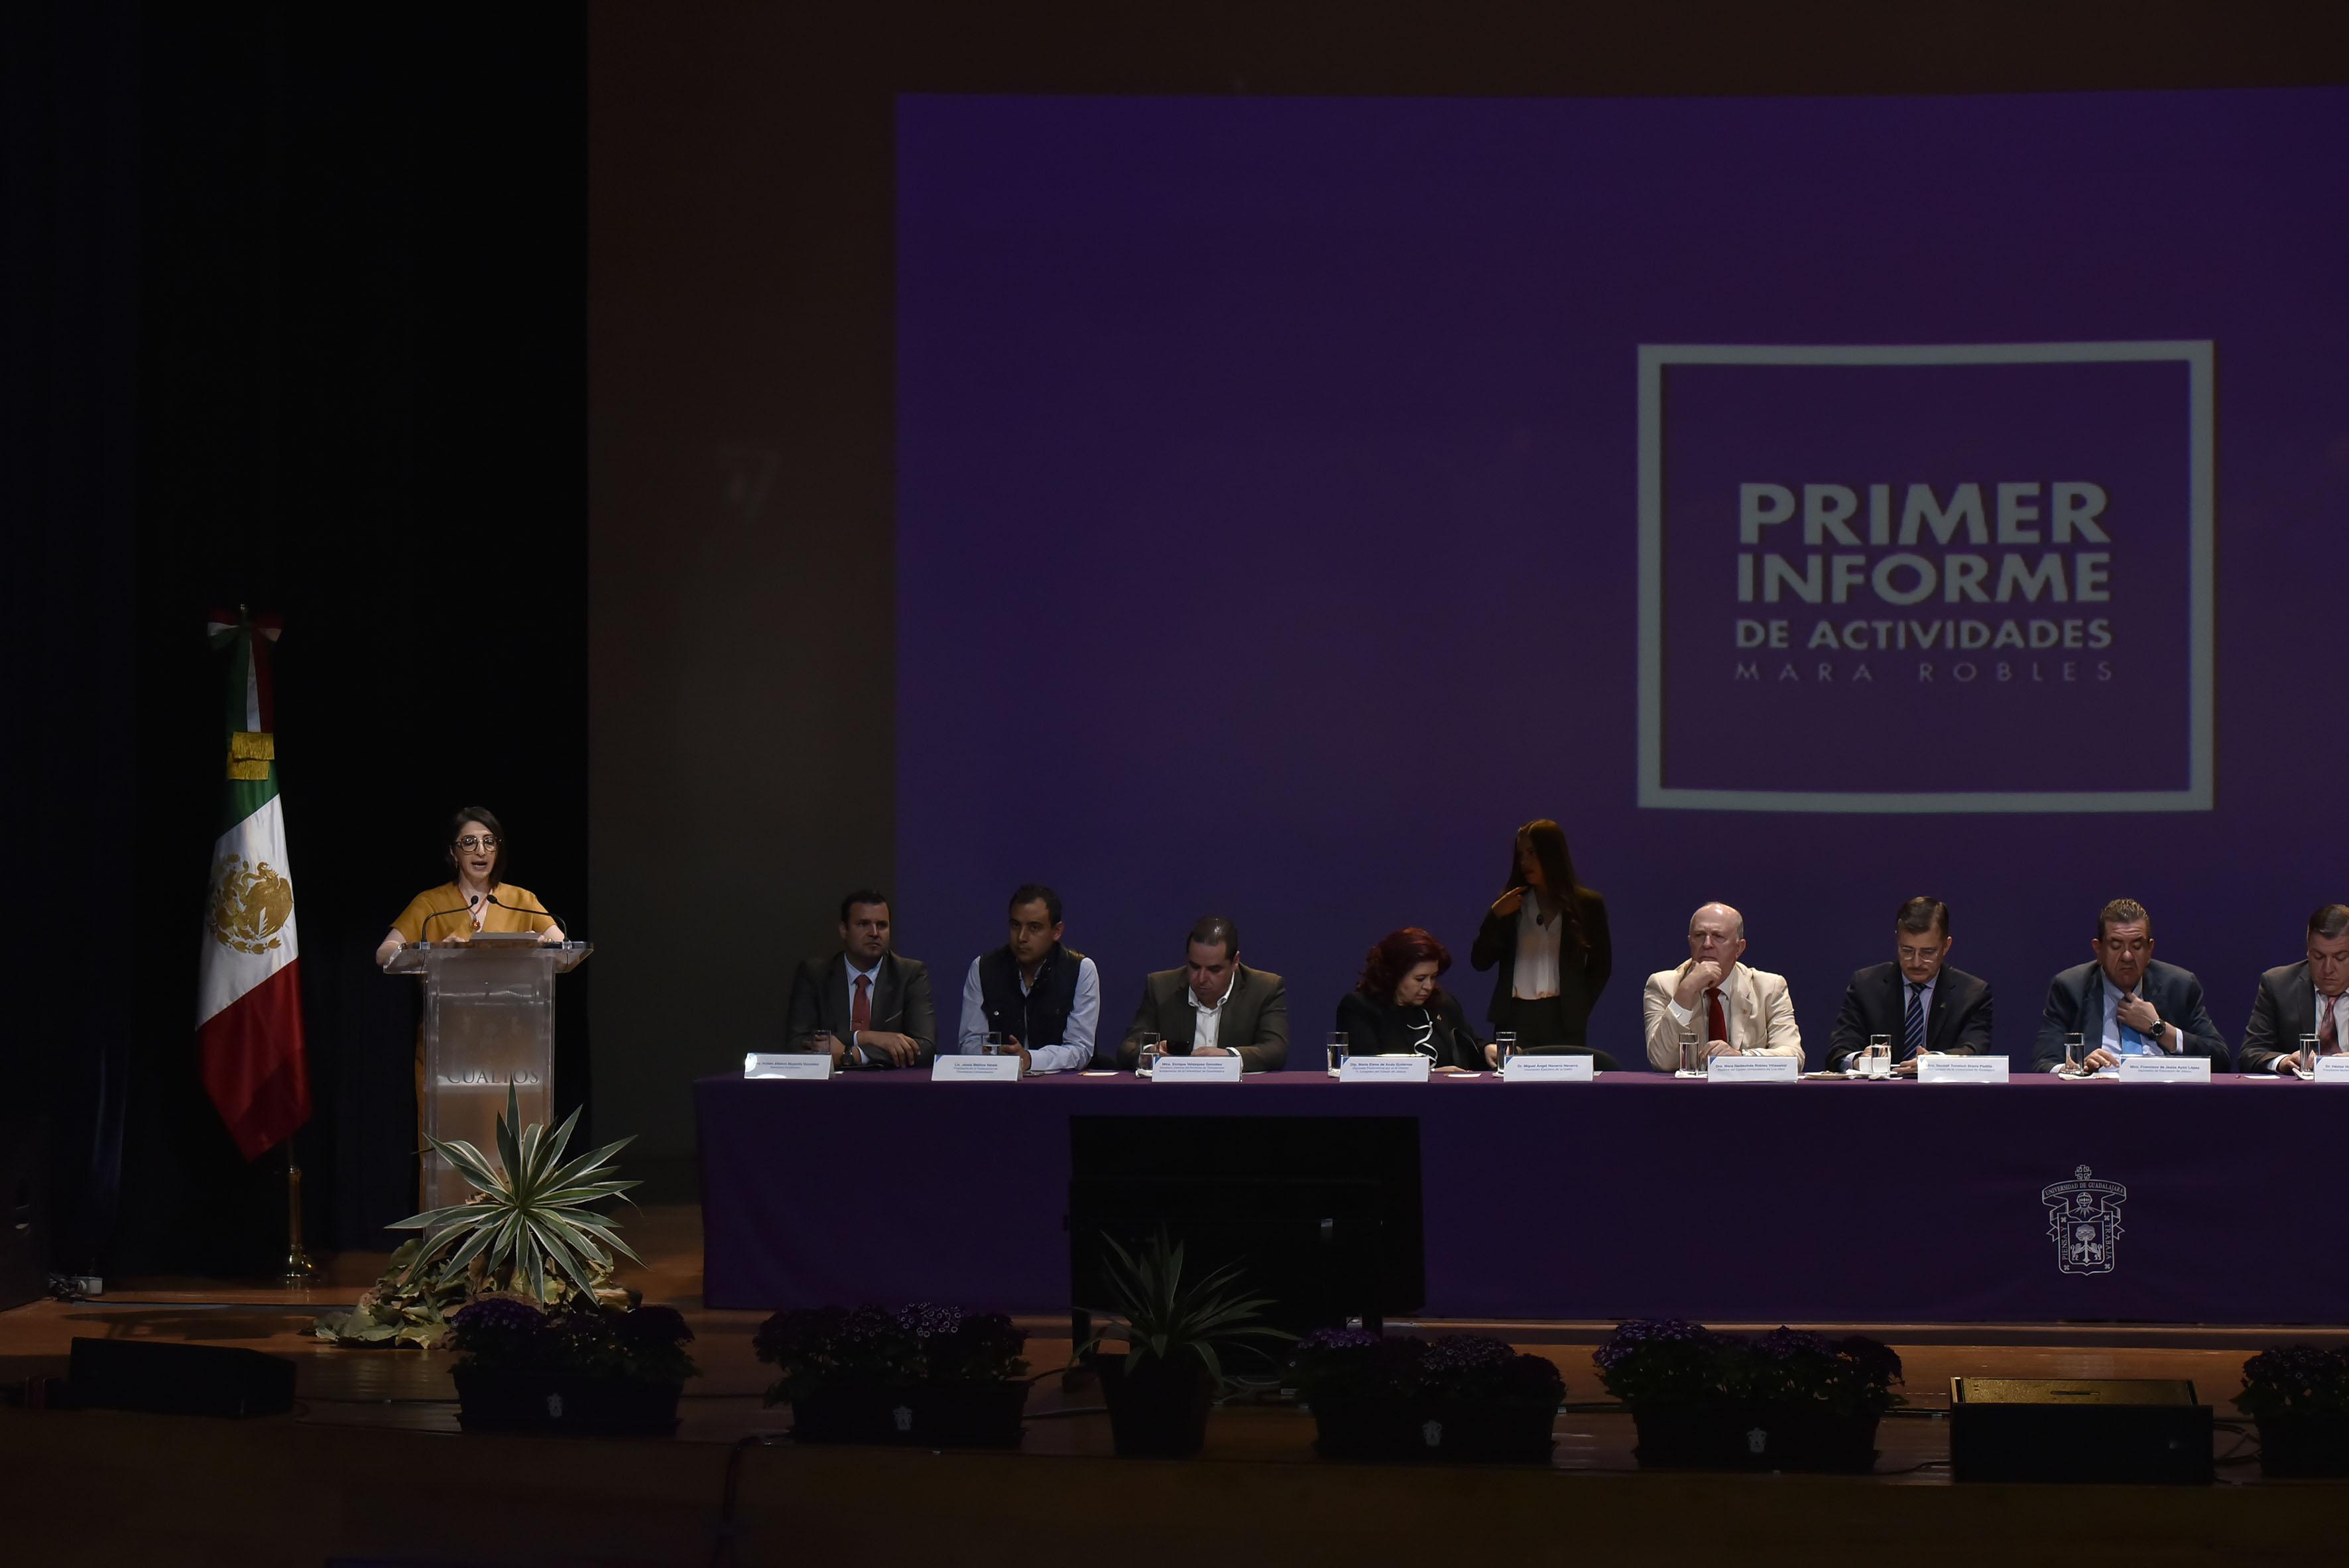 La doctora Mara Robles Villaseñor, Rectora de CUALTOS, presentando su 4to. Informe de actividades.